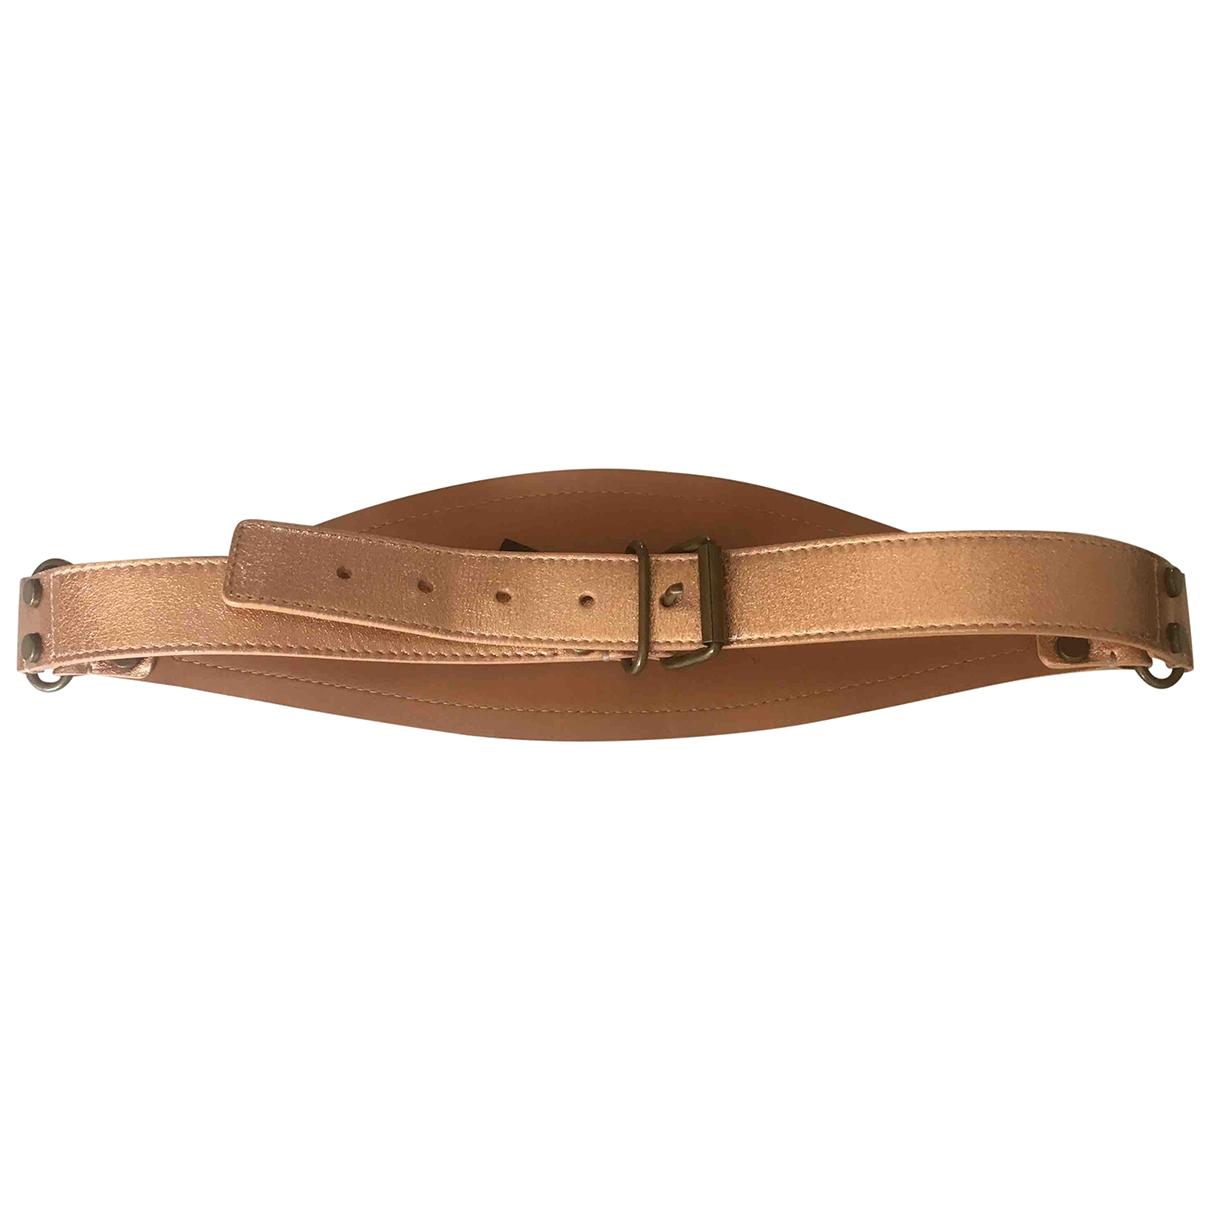 Lanvin \N Beige Leather belt for Women M International